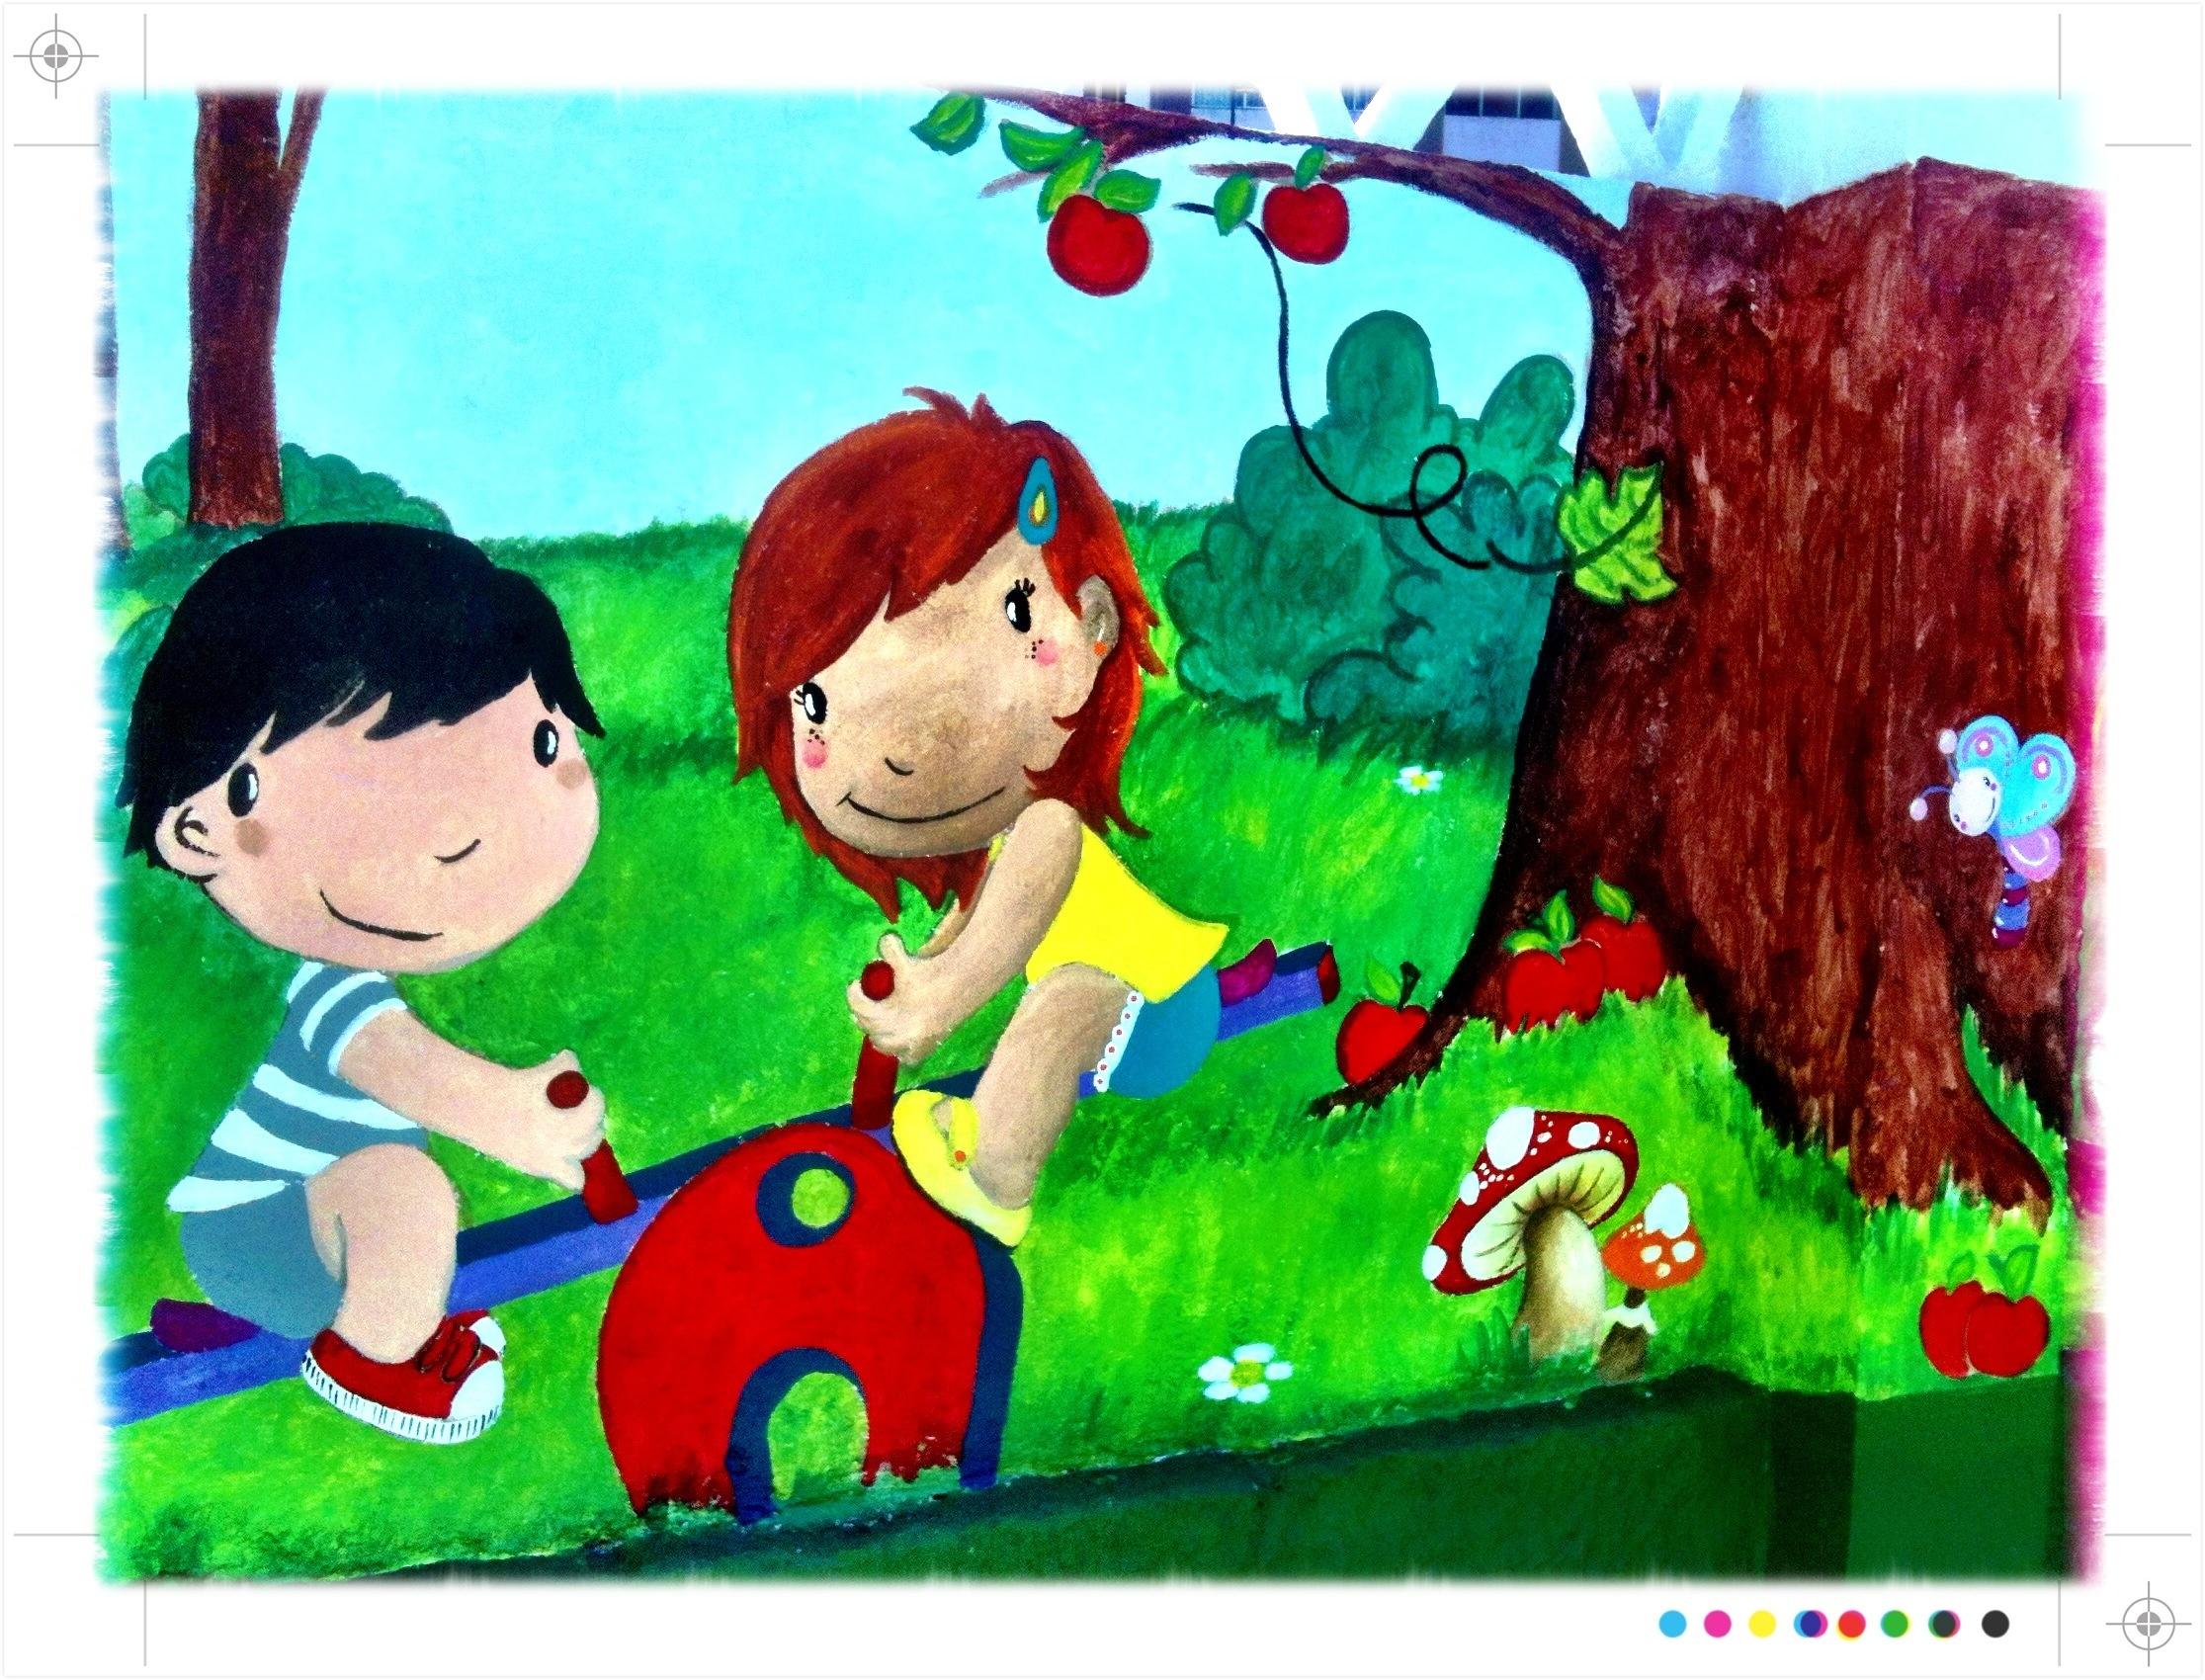 pintura mural, escuela infantil pitufos, vigo, galicia, begoña pérez-herrera moreno, bgophycolorincolorado.jpg